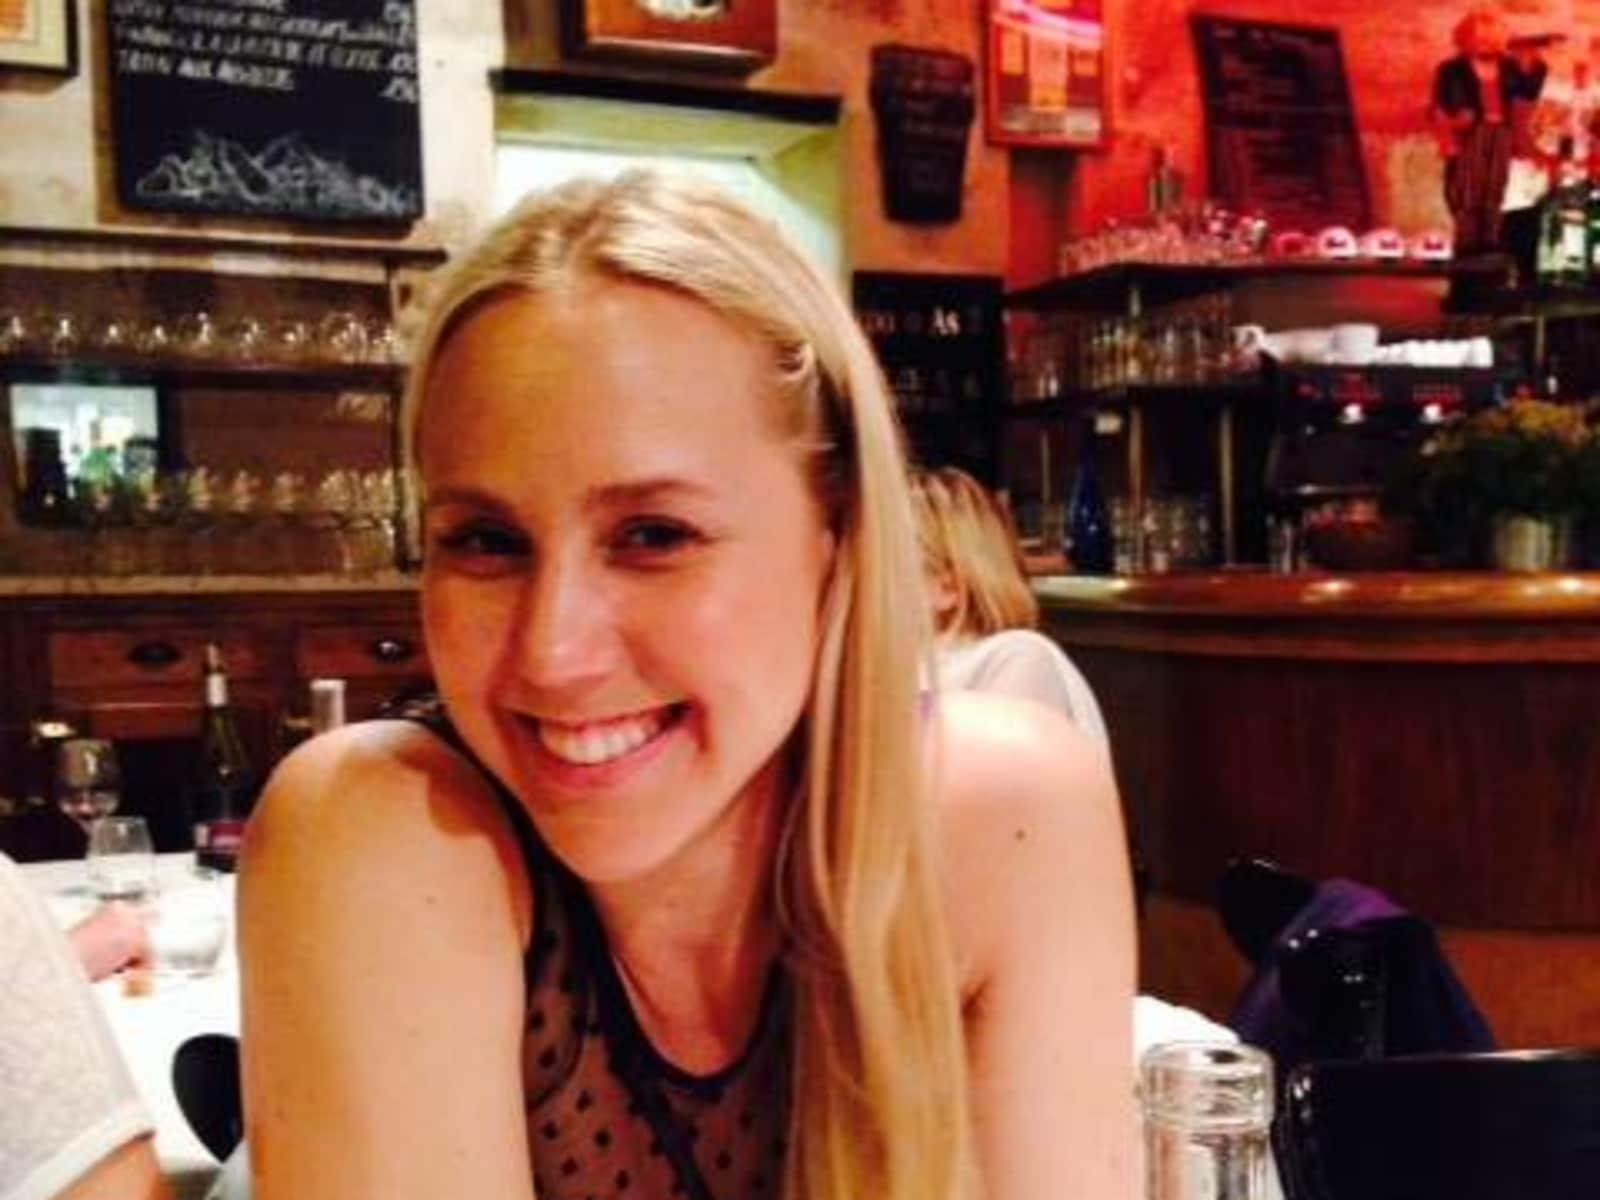 Joanna from Toronto, Ontario, Canada